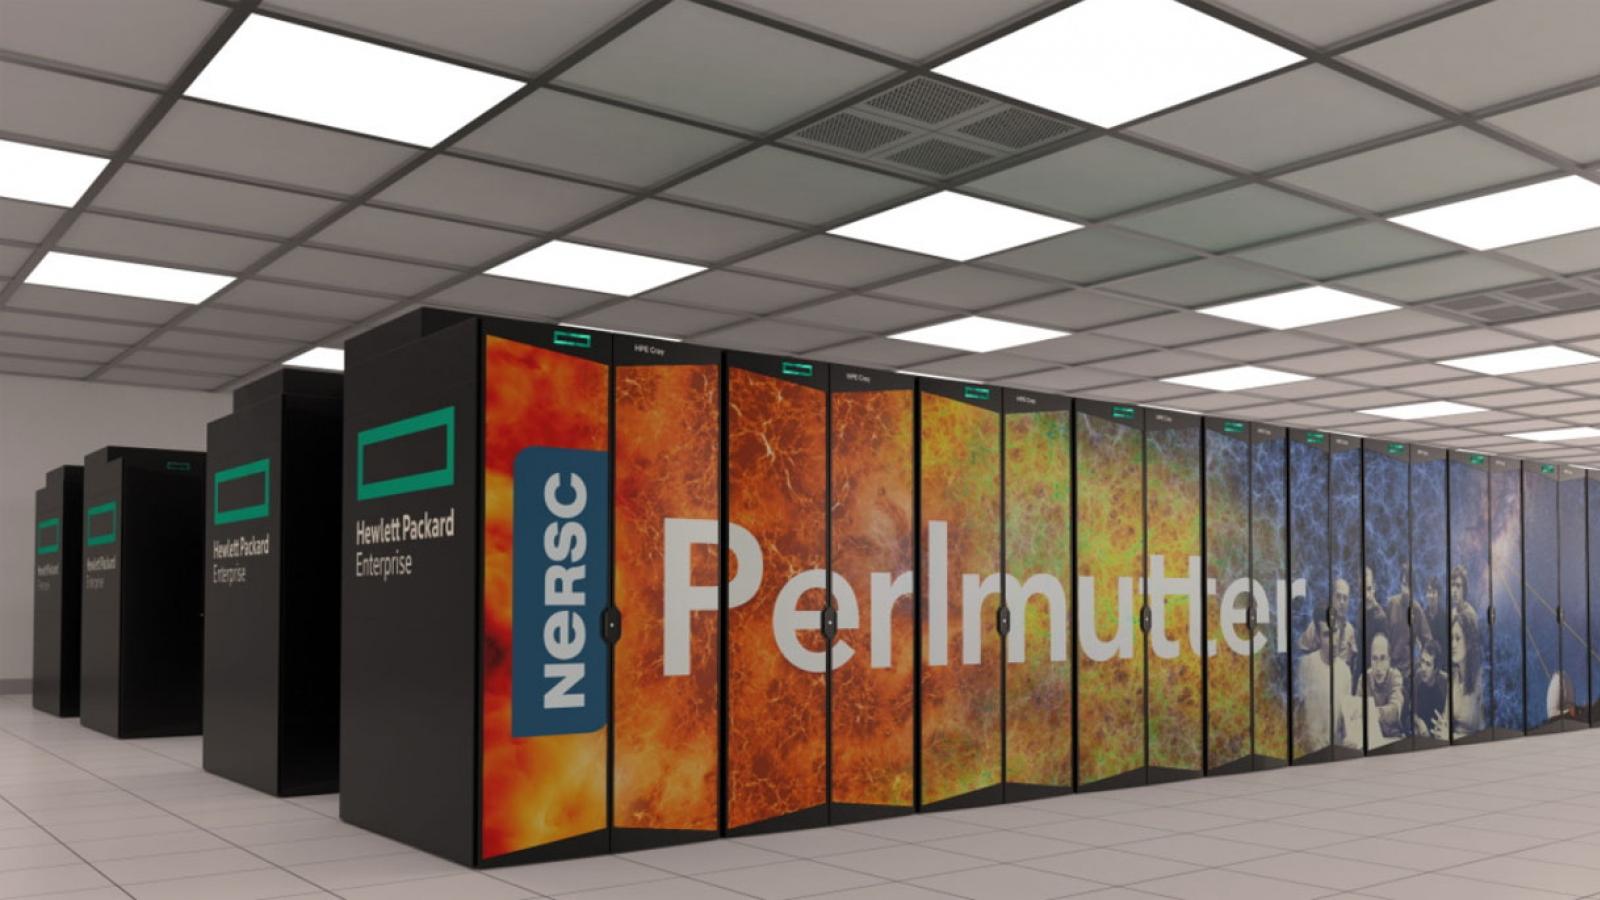 Siêu máy tính nhanh nhất thế giới trang bị đến hơn 6.000 GPU NVIDIA A100